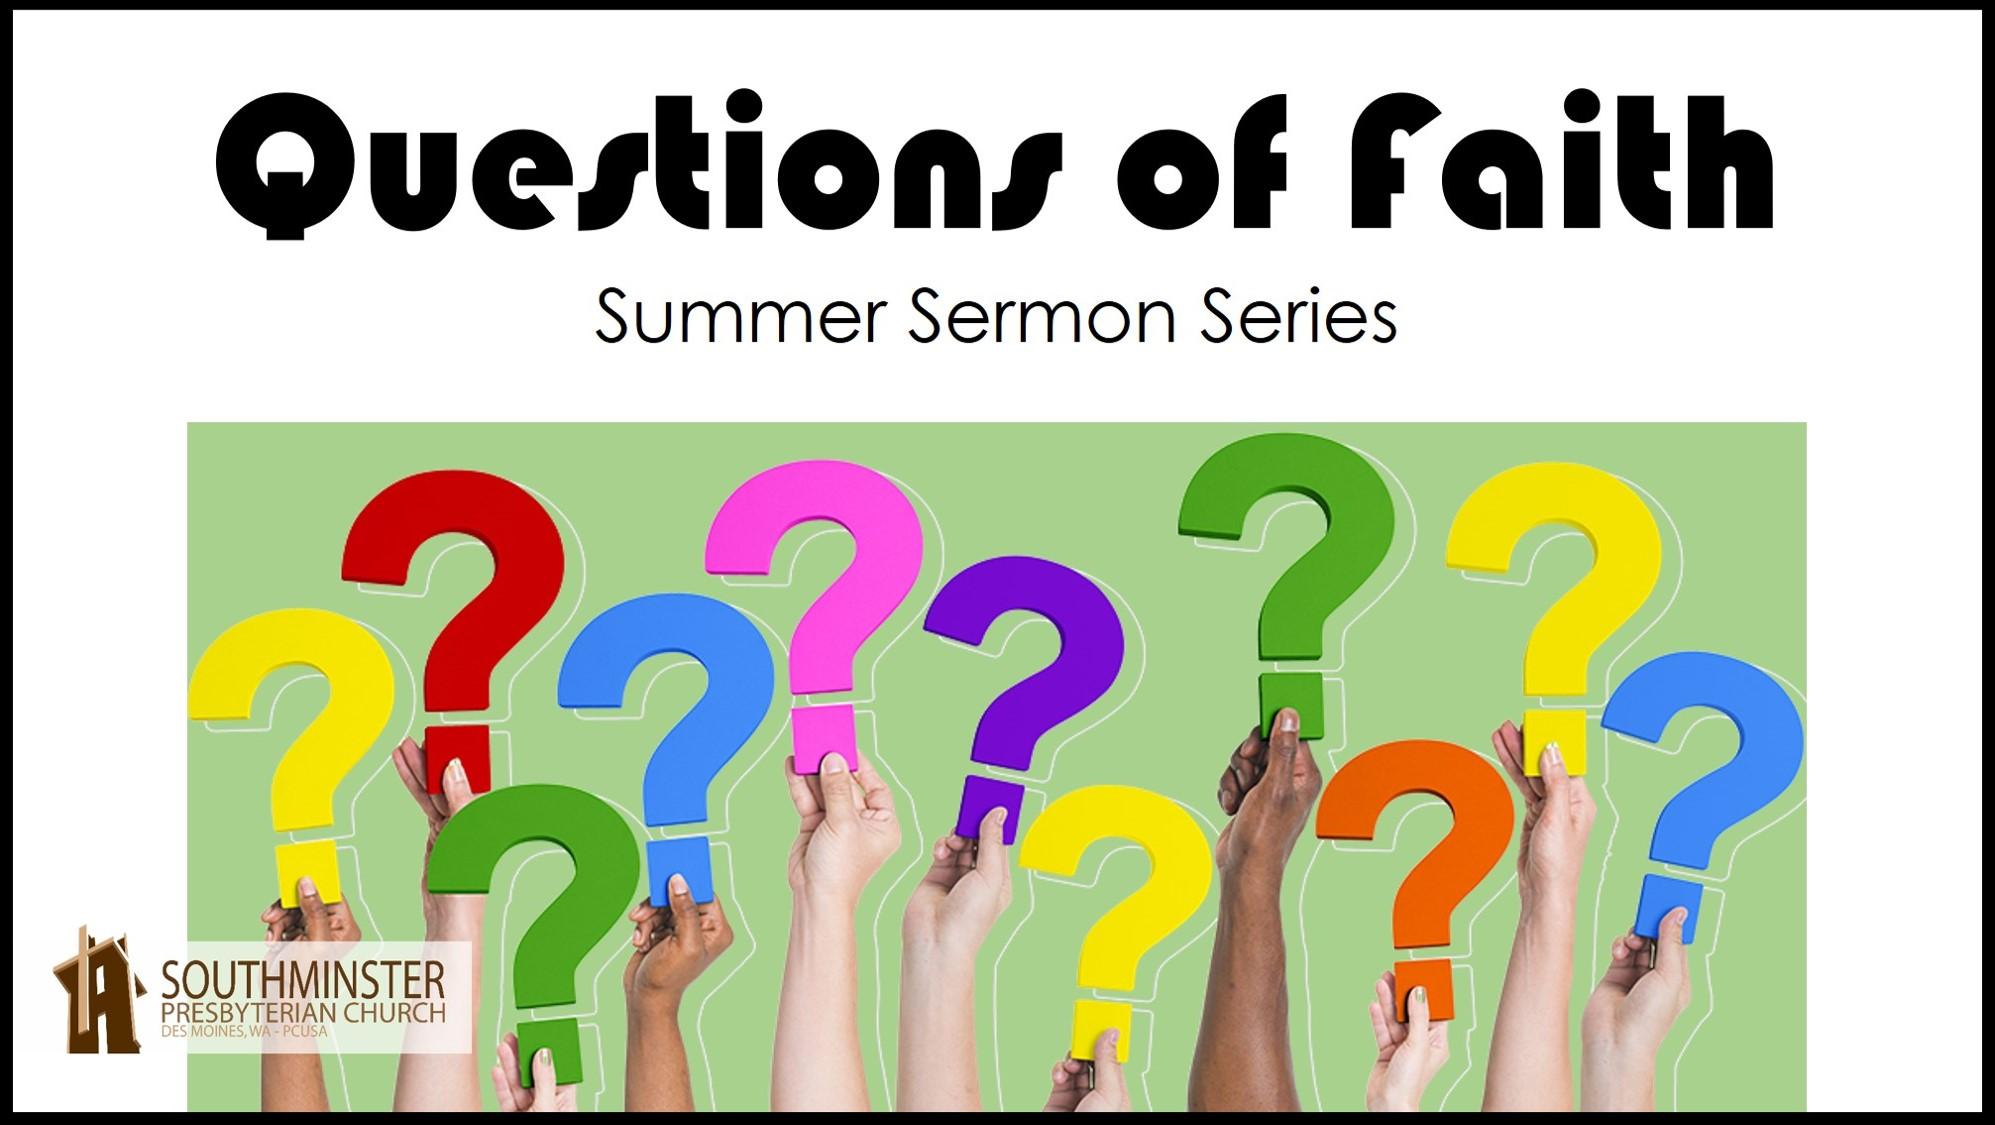 Questions-of-faith.jpg